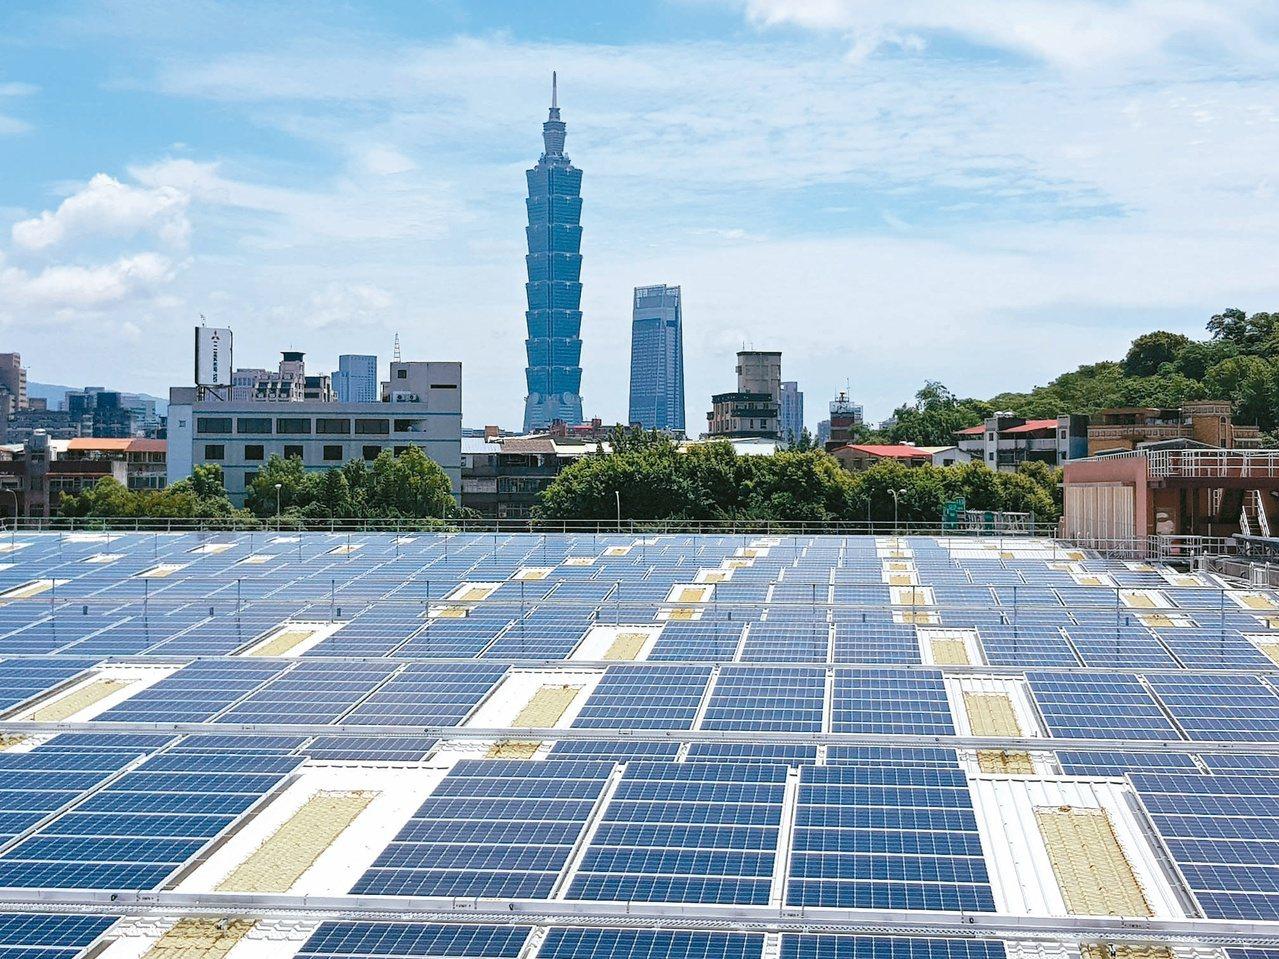 經濟部表示,目前綠電憑證交易平台已經準備好了,收費方式也明訂完成,但仍有三大關卡...